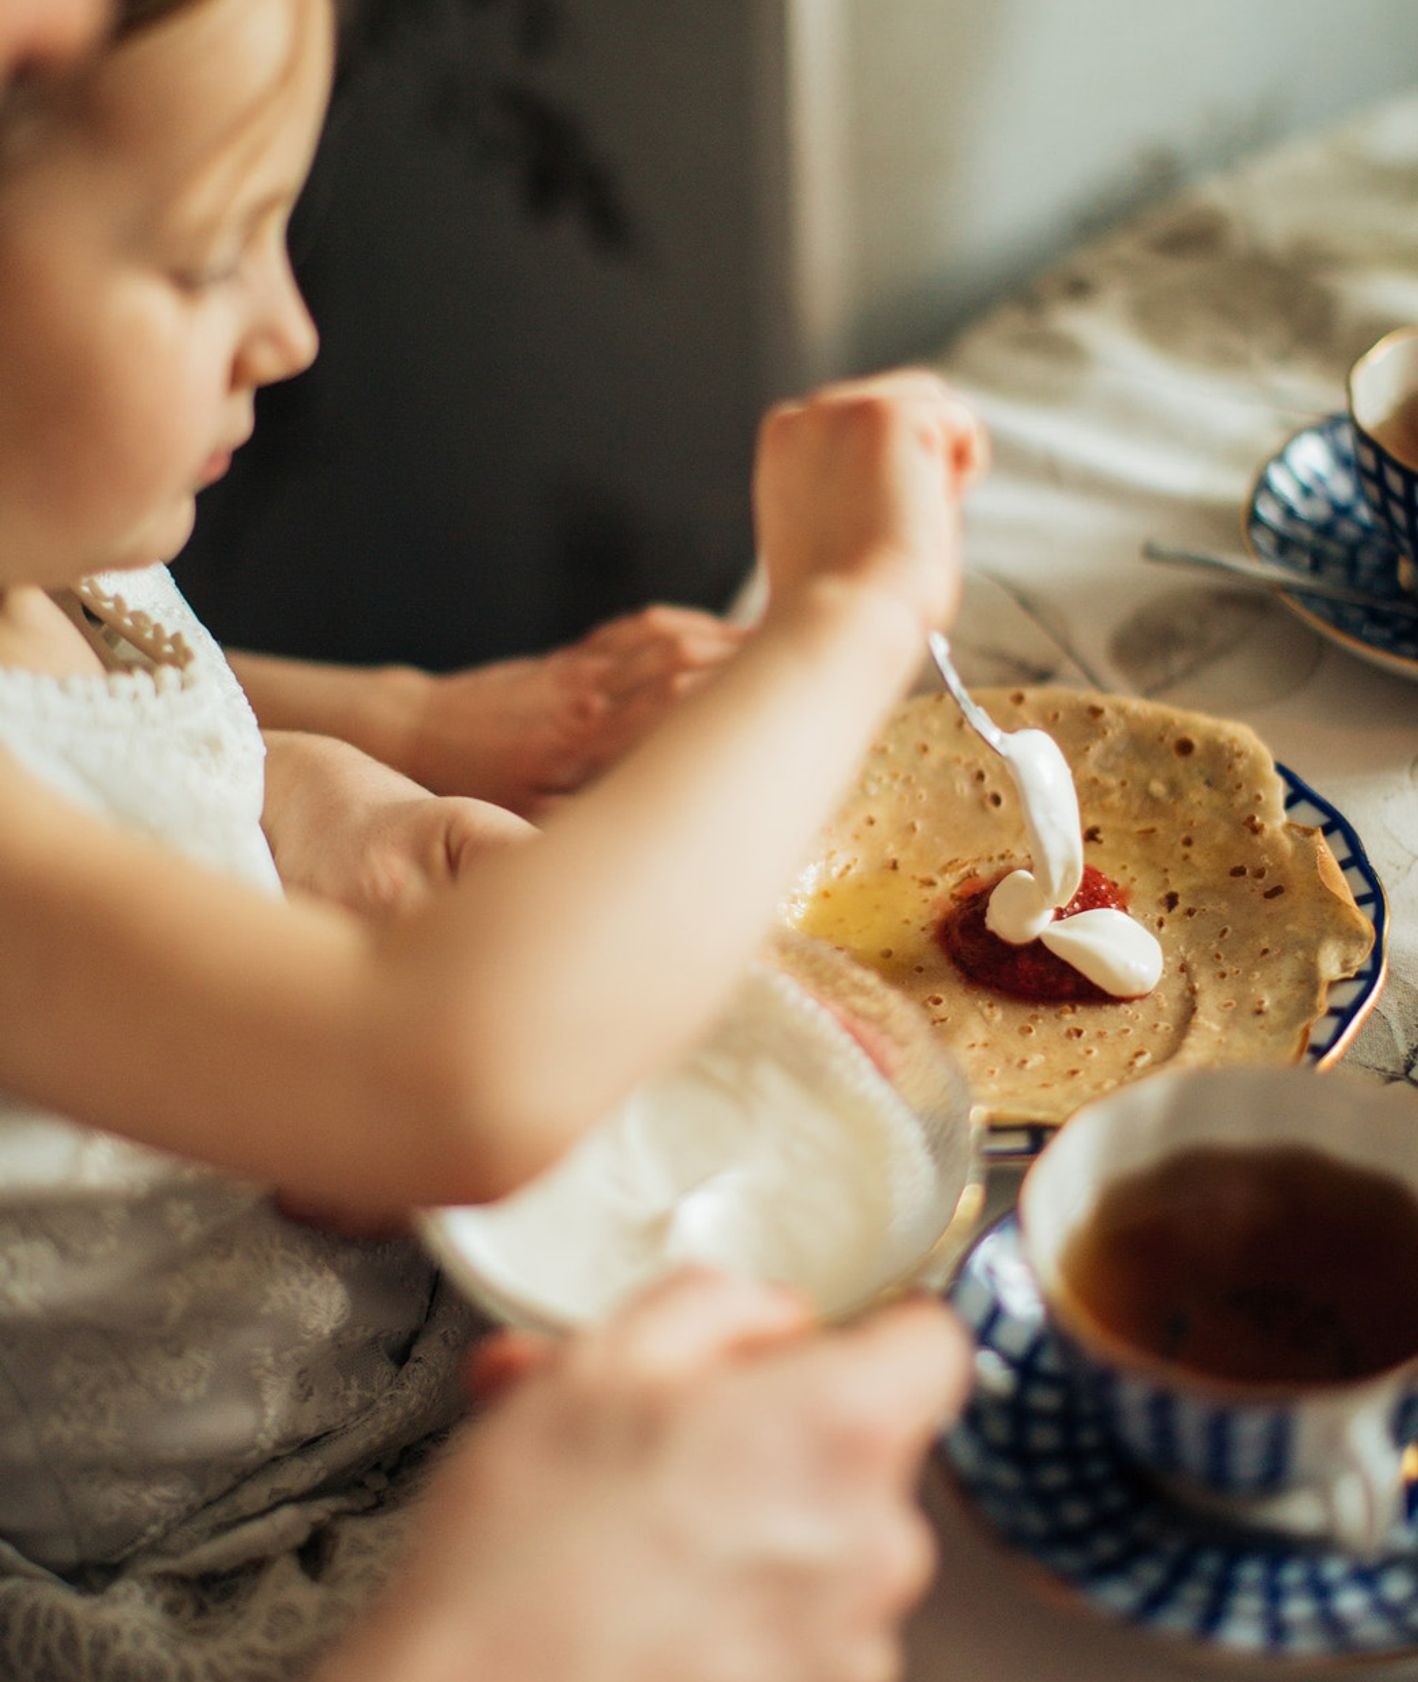 Dziewczynka jedząca naleśniki (fot. Elly Fairytale / Pexels.com)